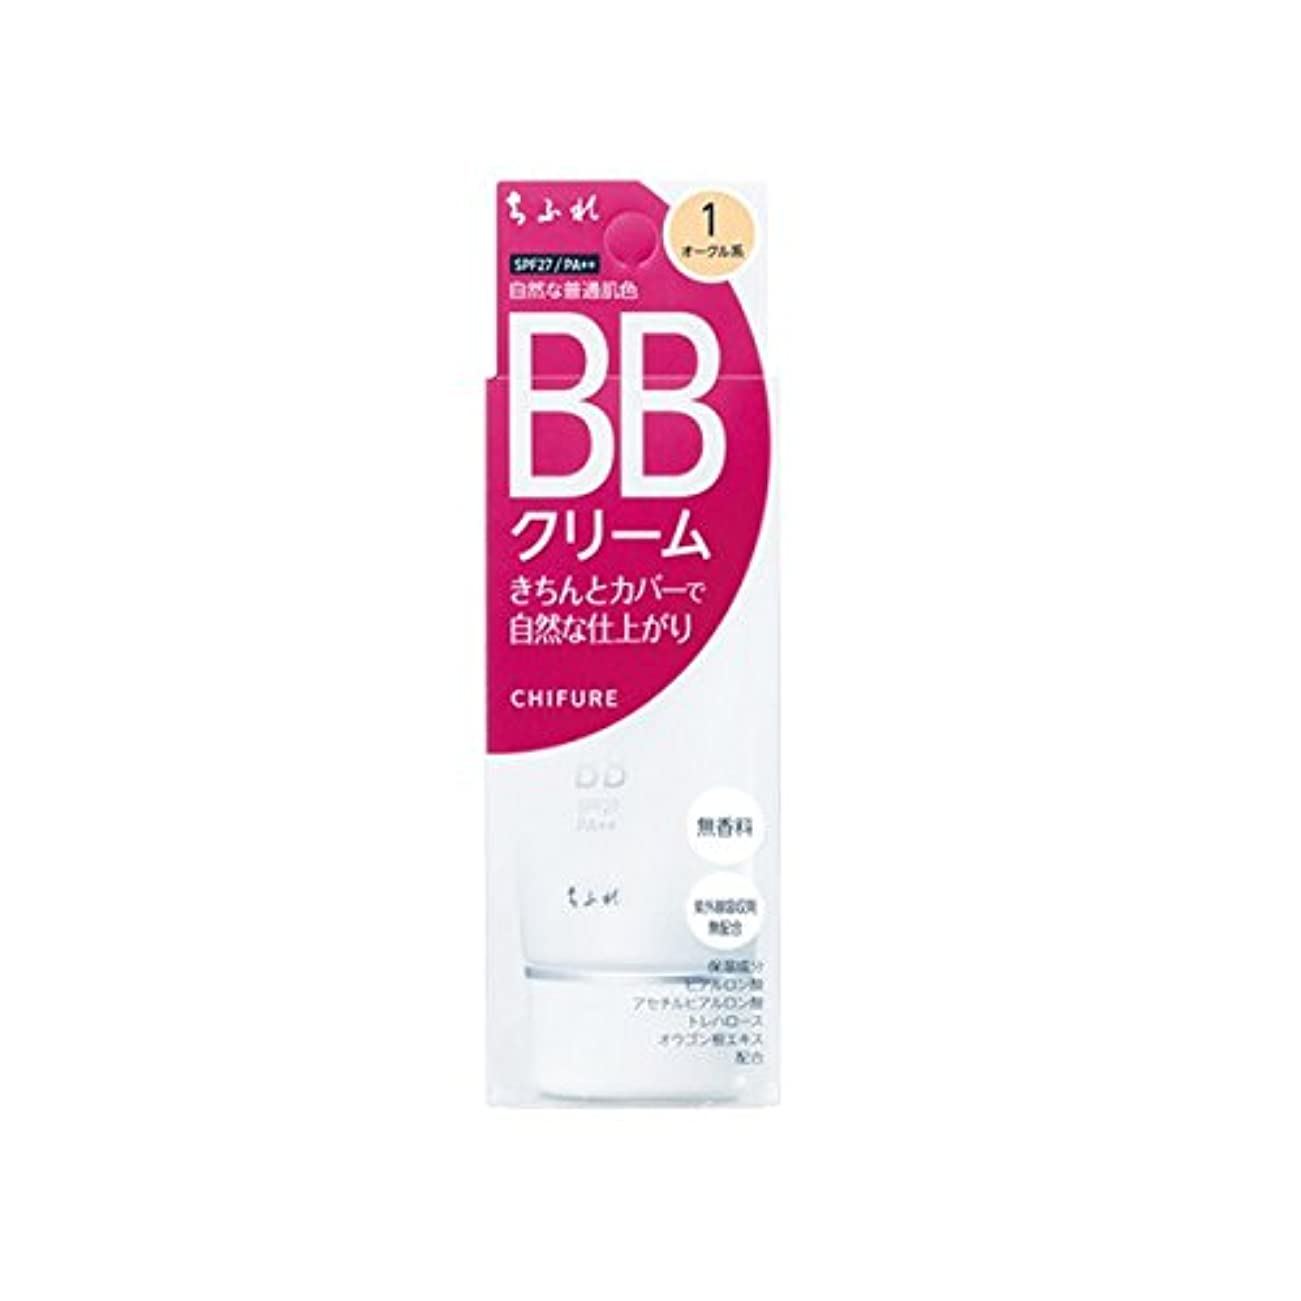 反論者フォアタイプ近傍ちふれ化粧品 BB クリーム 1 自然な普通肌色 BBクリーム 1